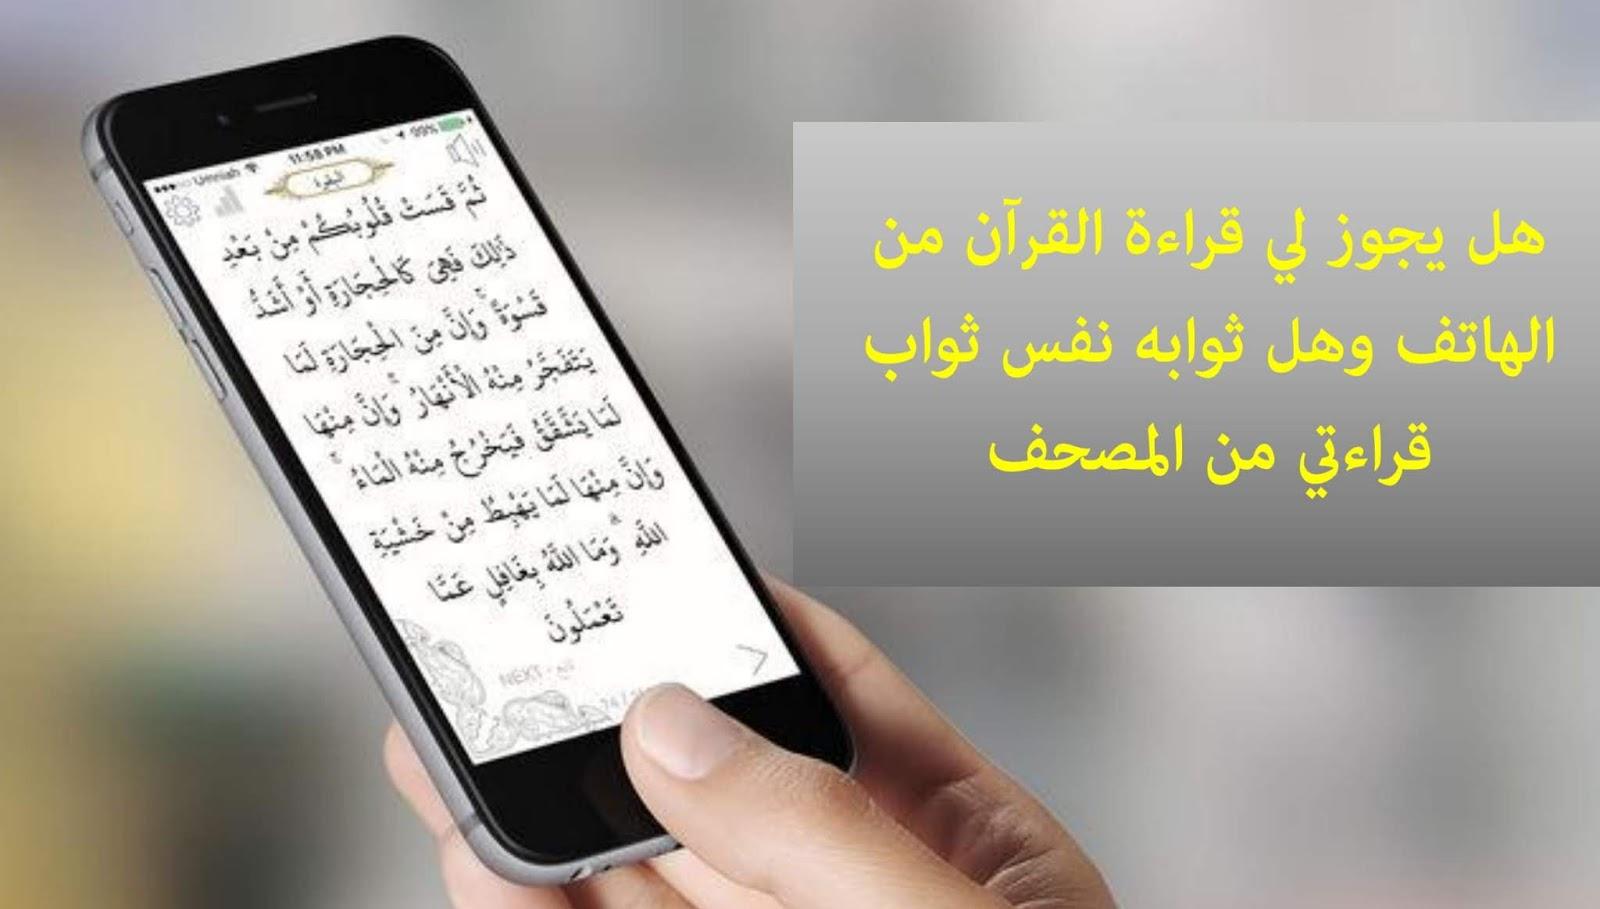 حكم قراءة القرآن بدون وضوء من الهاتف نور الاسلام